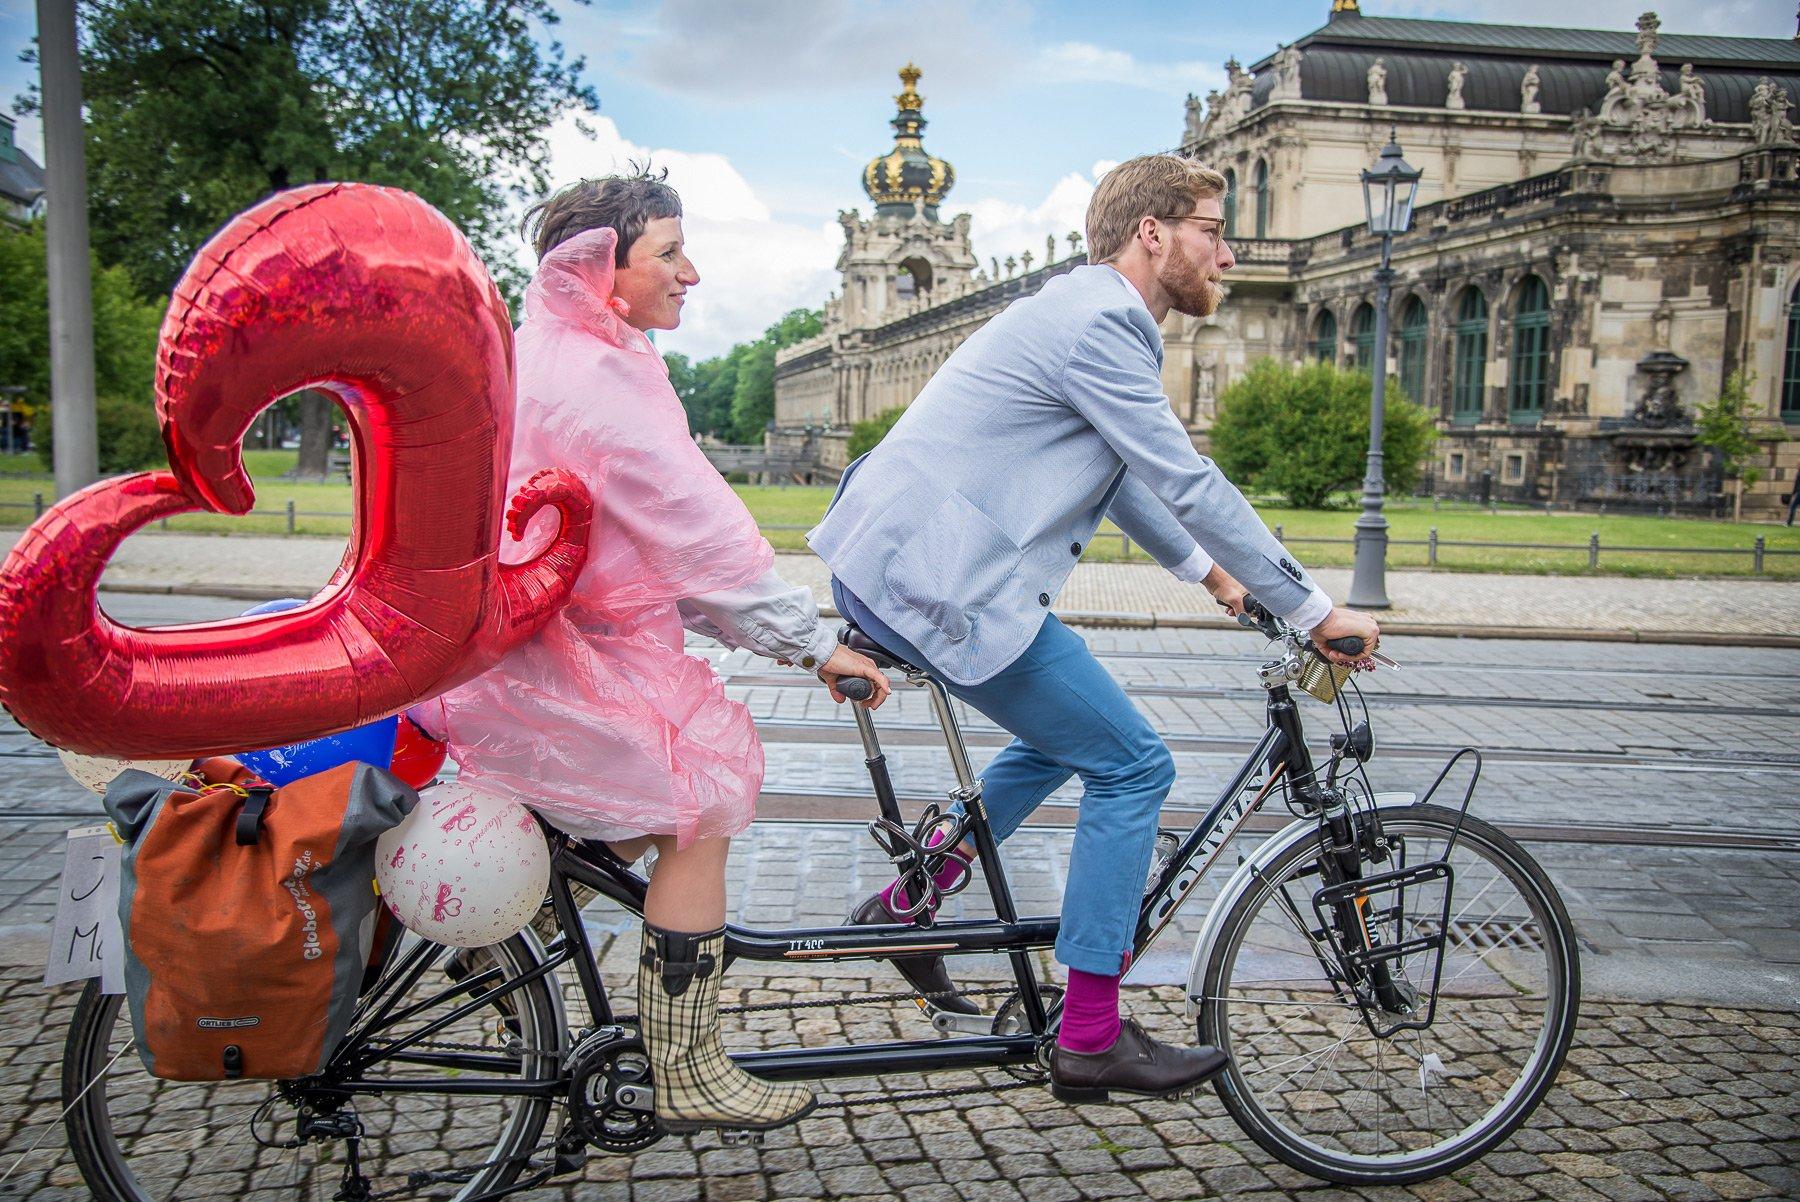 Hochzeit in Dresden - Auf dem Tandem-Rad